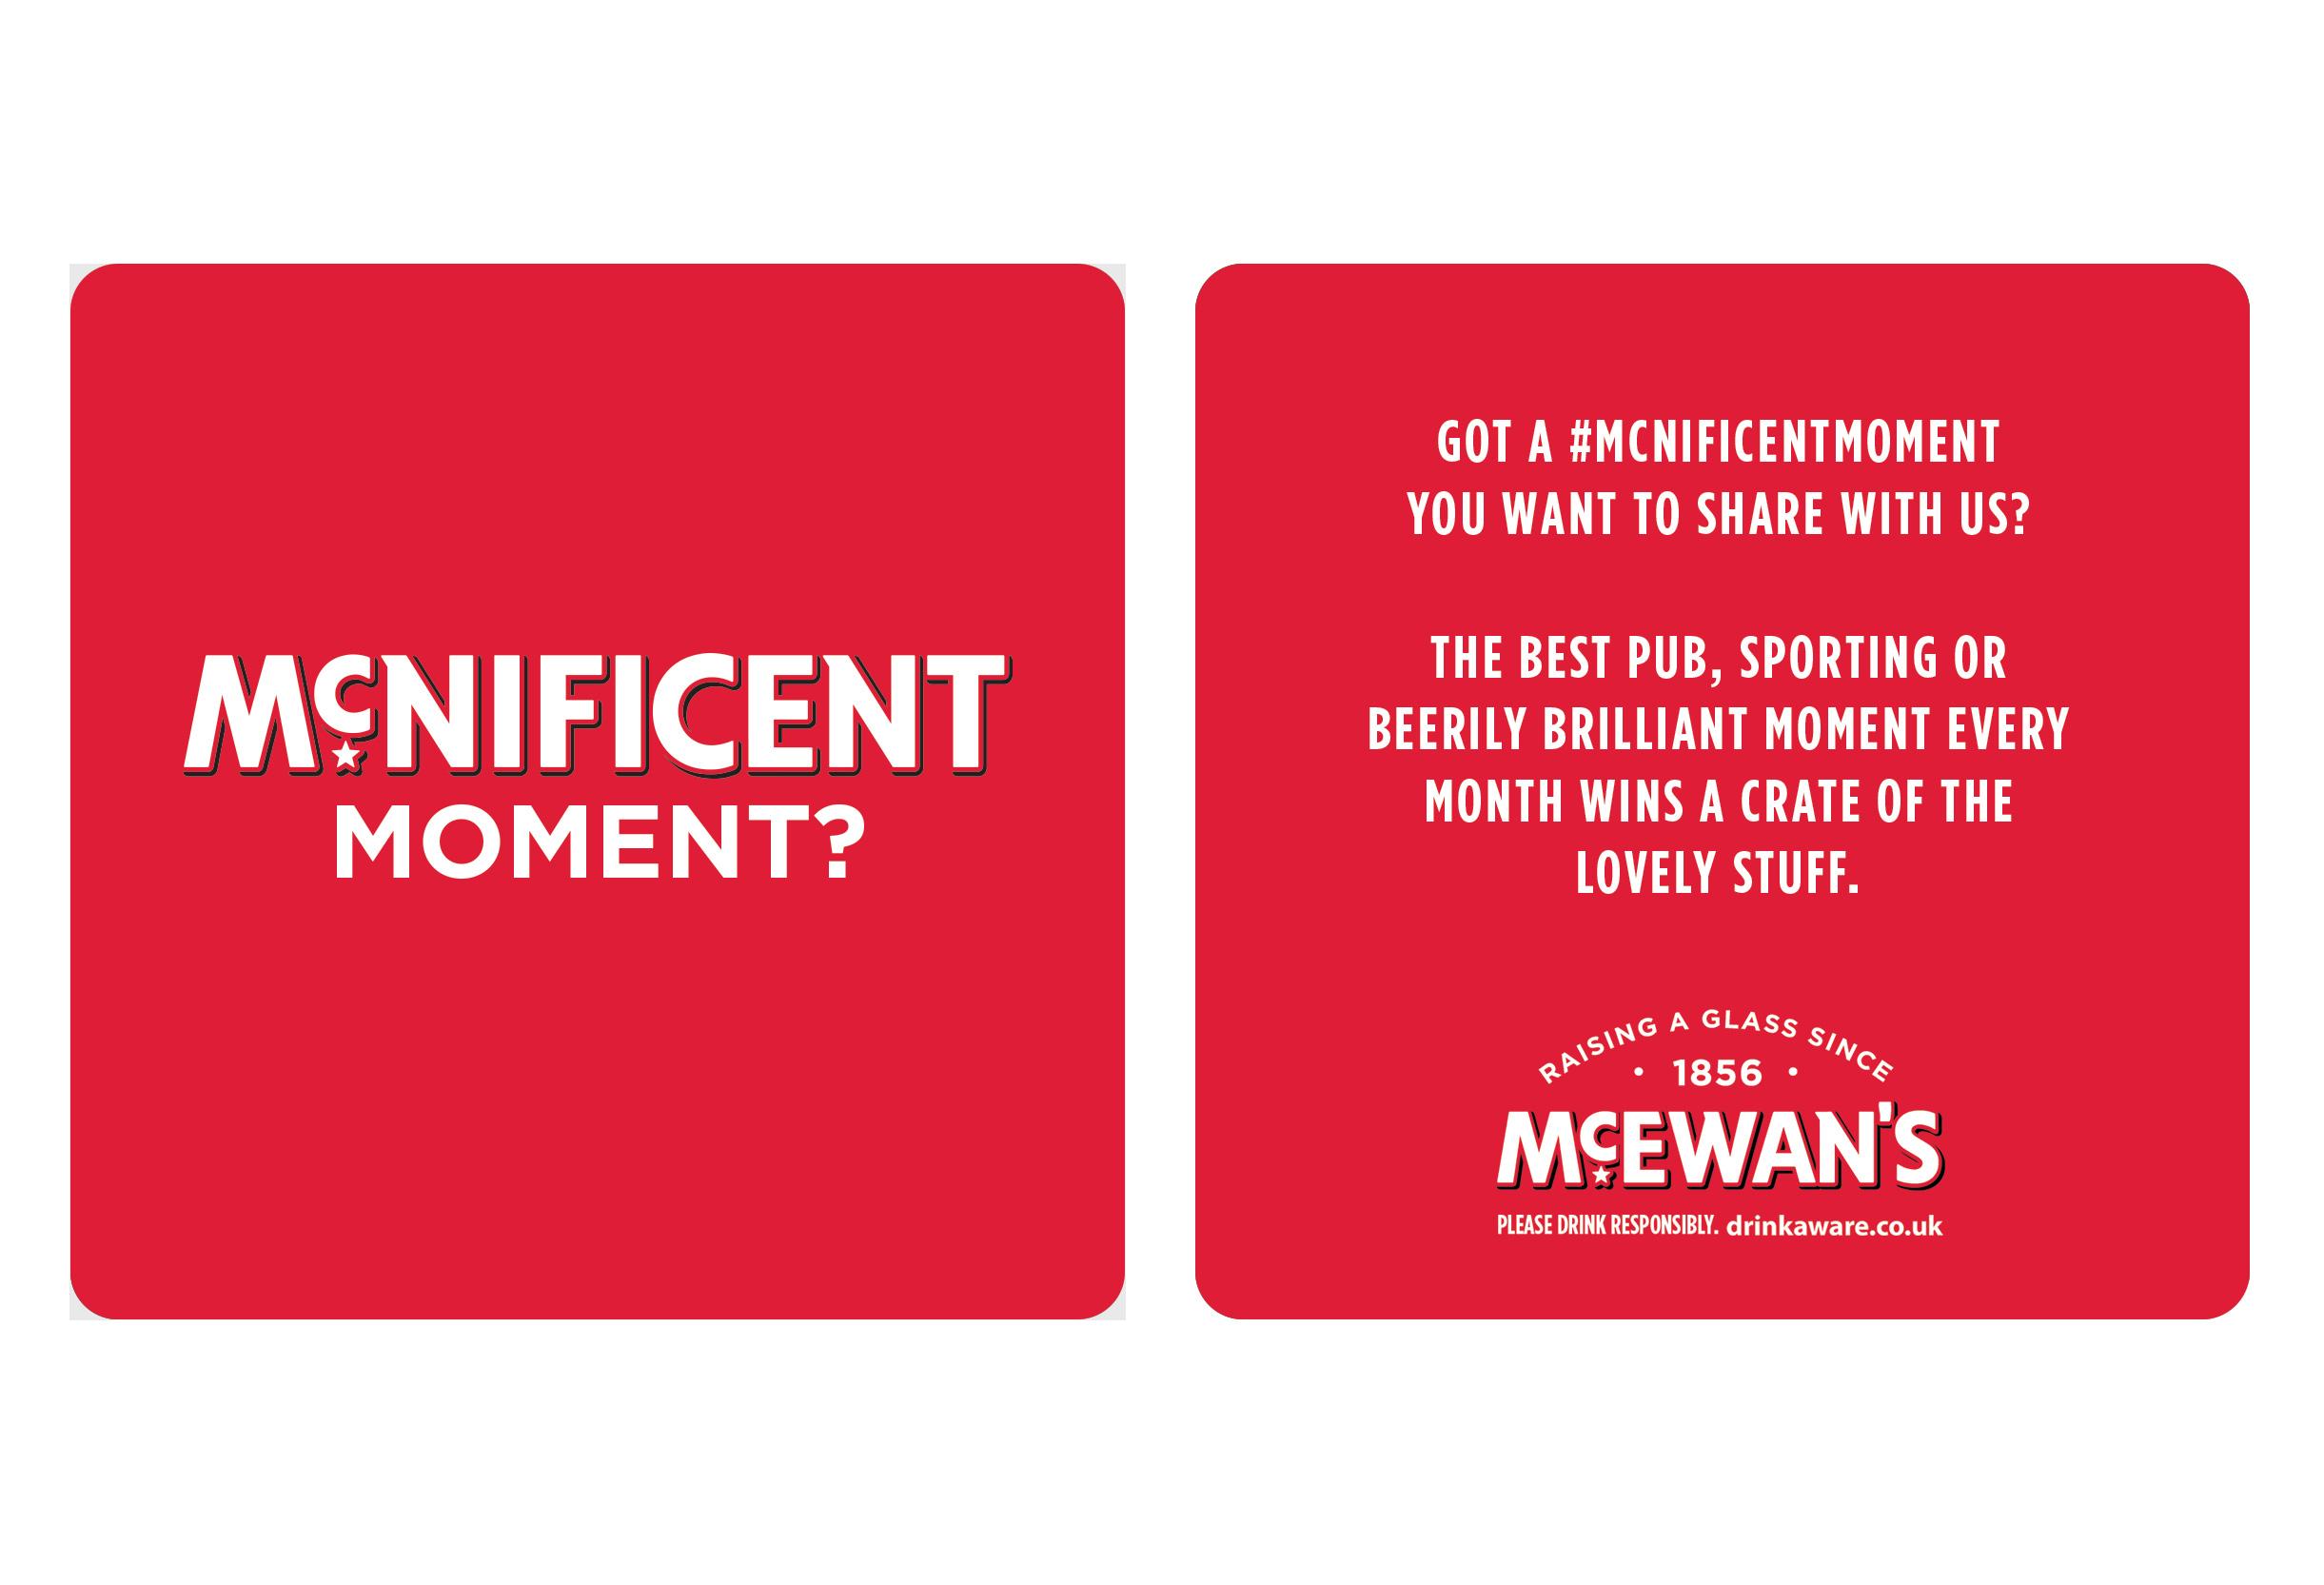 McEWANS_DripMat_v5_Moment_b.jpg